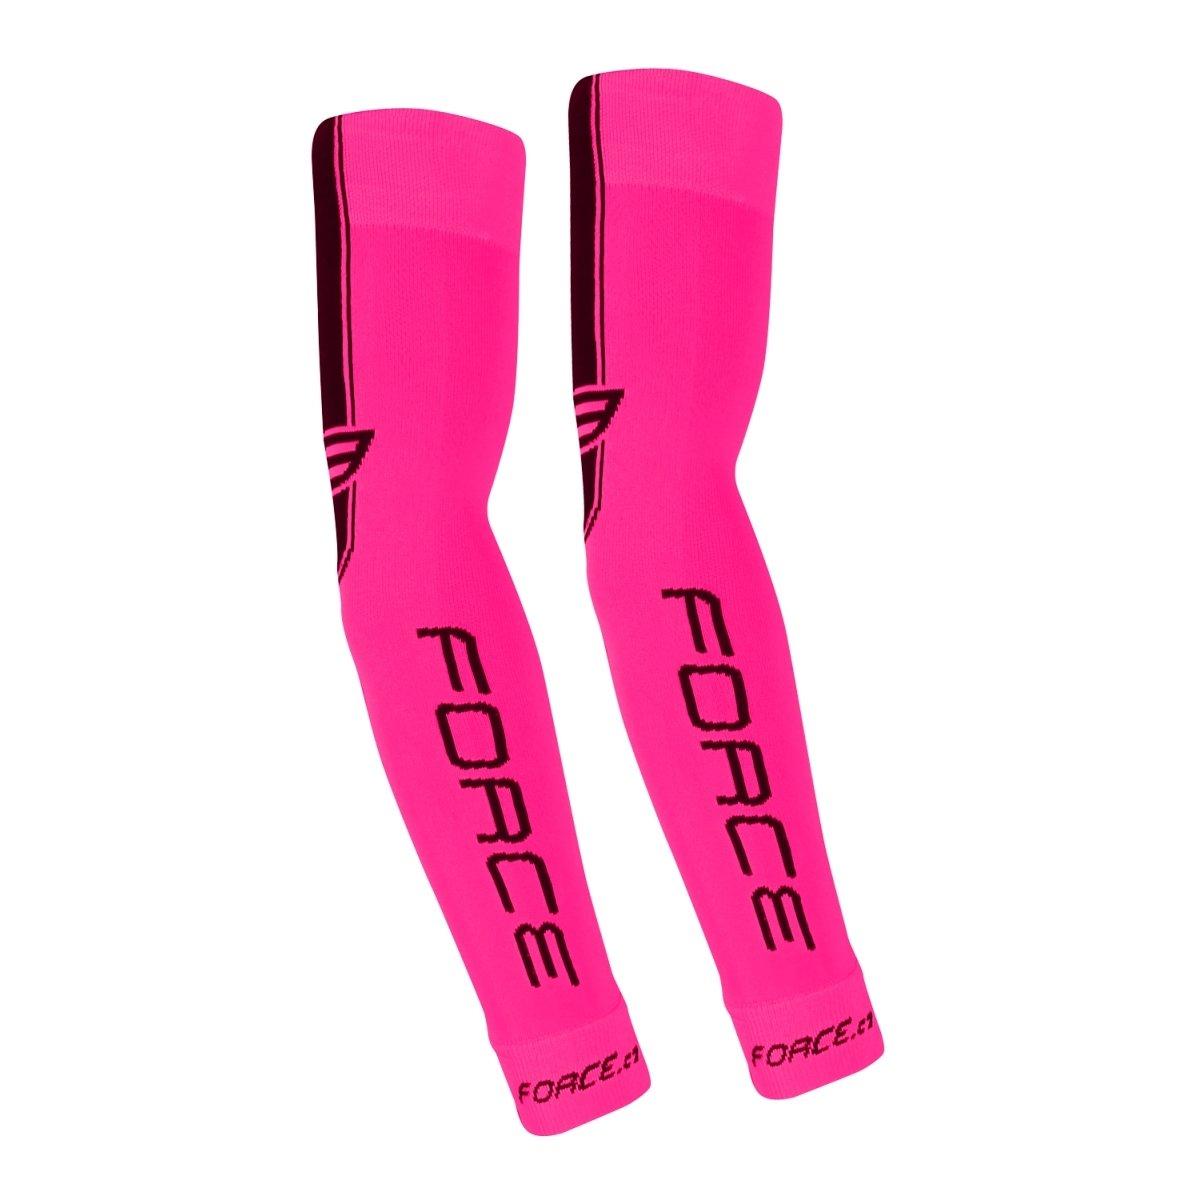 Force løse armvarmere pink | Arm- og benvarmere